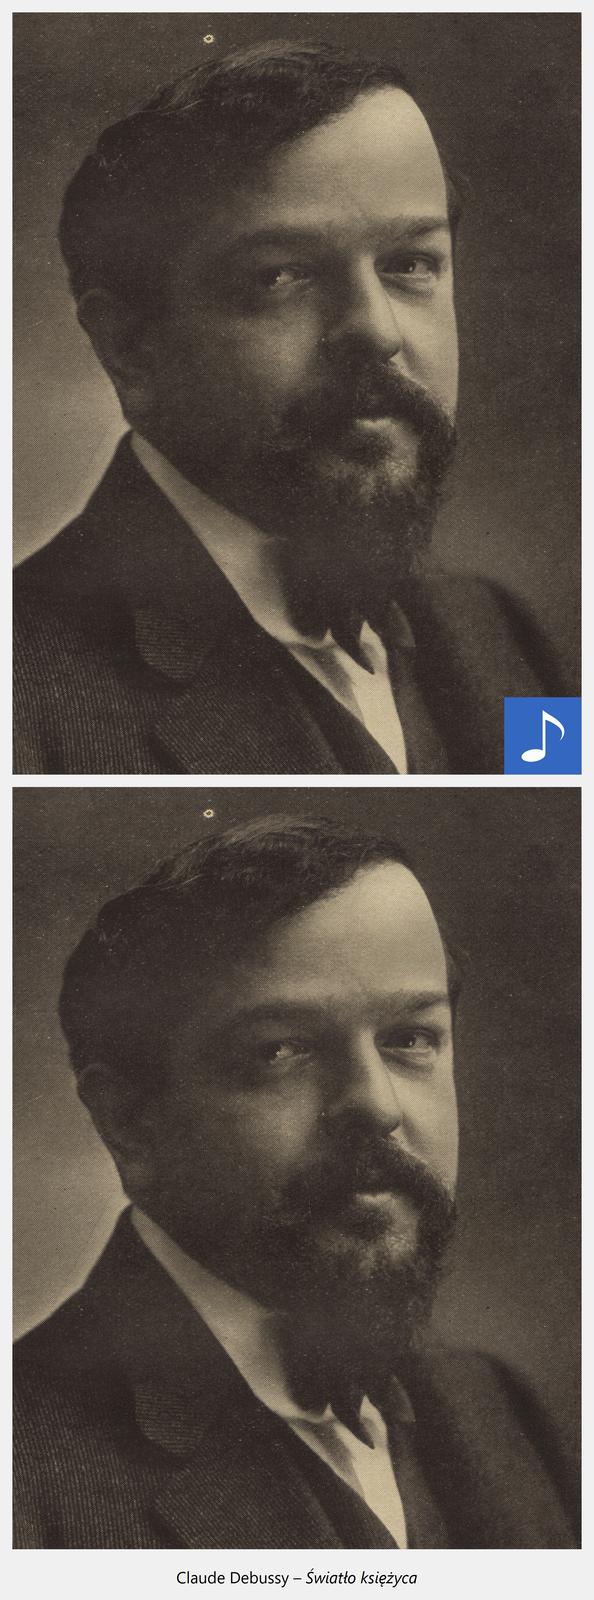 Ilustracja interaktywna przedstawiająca mężczyznę wgarniturze ibiałej koszuli. Mężczyzna ma ciemnie krótkie włosy oraz wąsy ibrodę. Po kliknięciu kursorem myszy na grafikę zostanie wyświetlona informacja dodatkowa oraz odtworzony spokojny utwór muzyczny. Dodatkowe informacje: